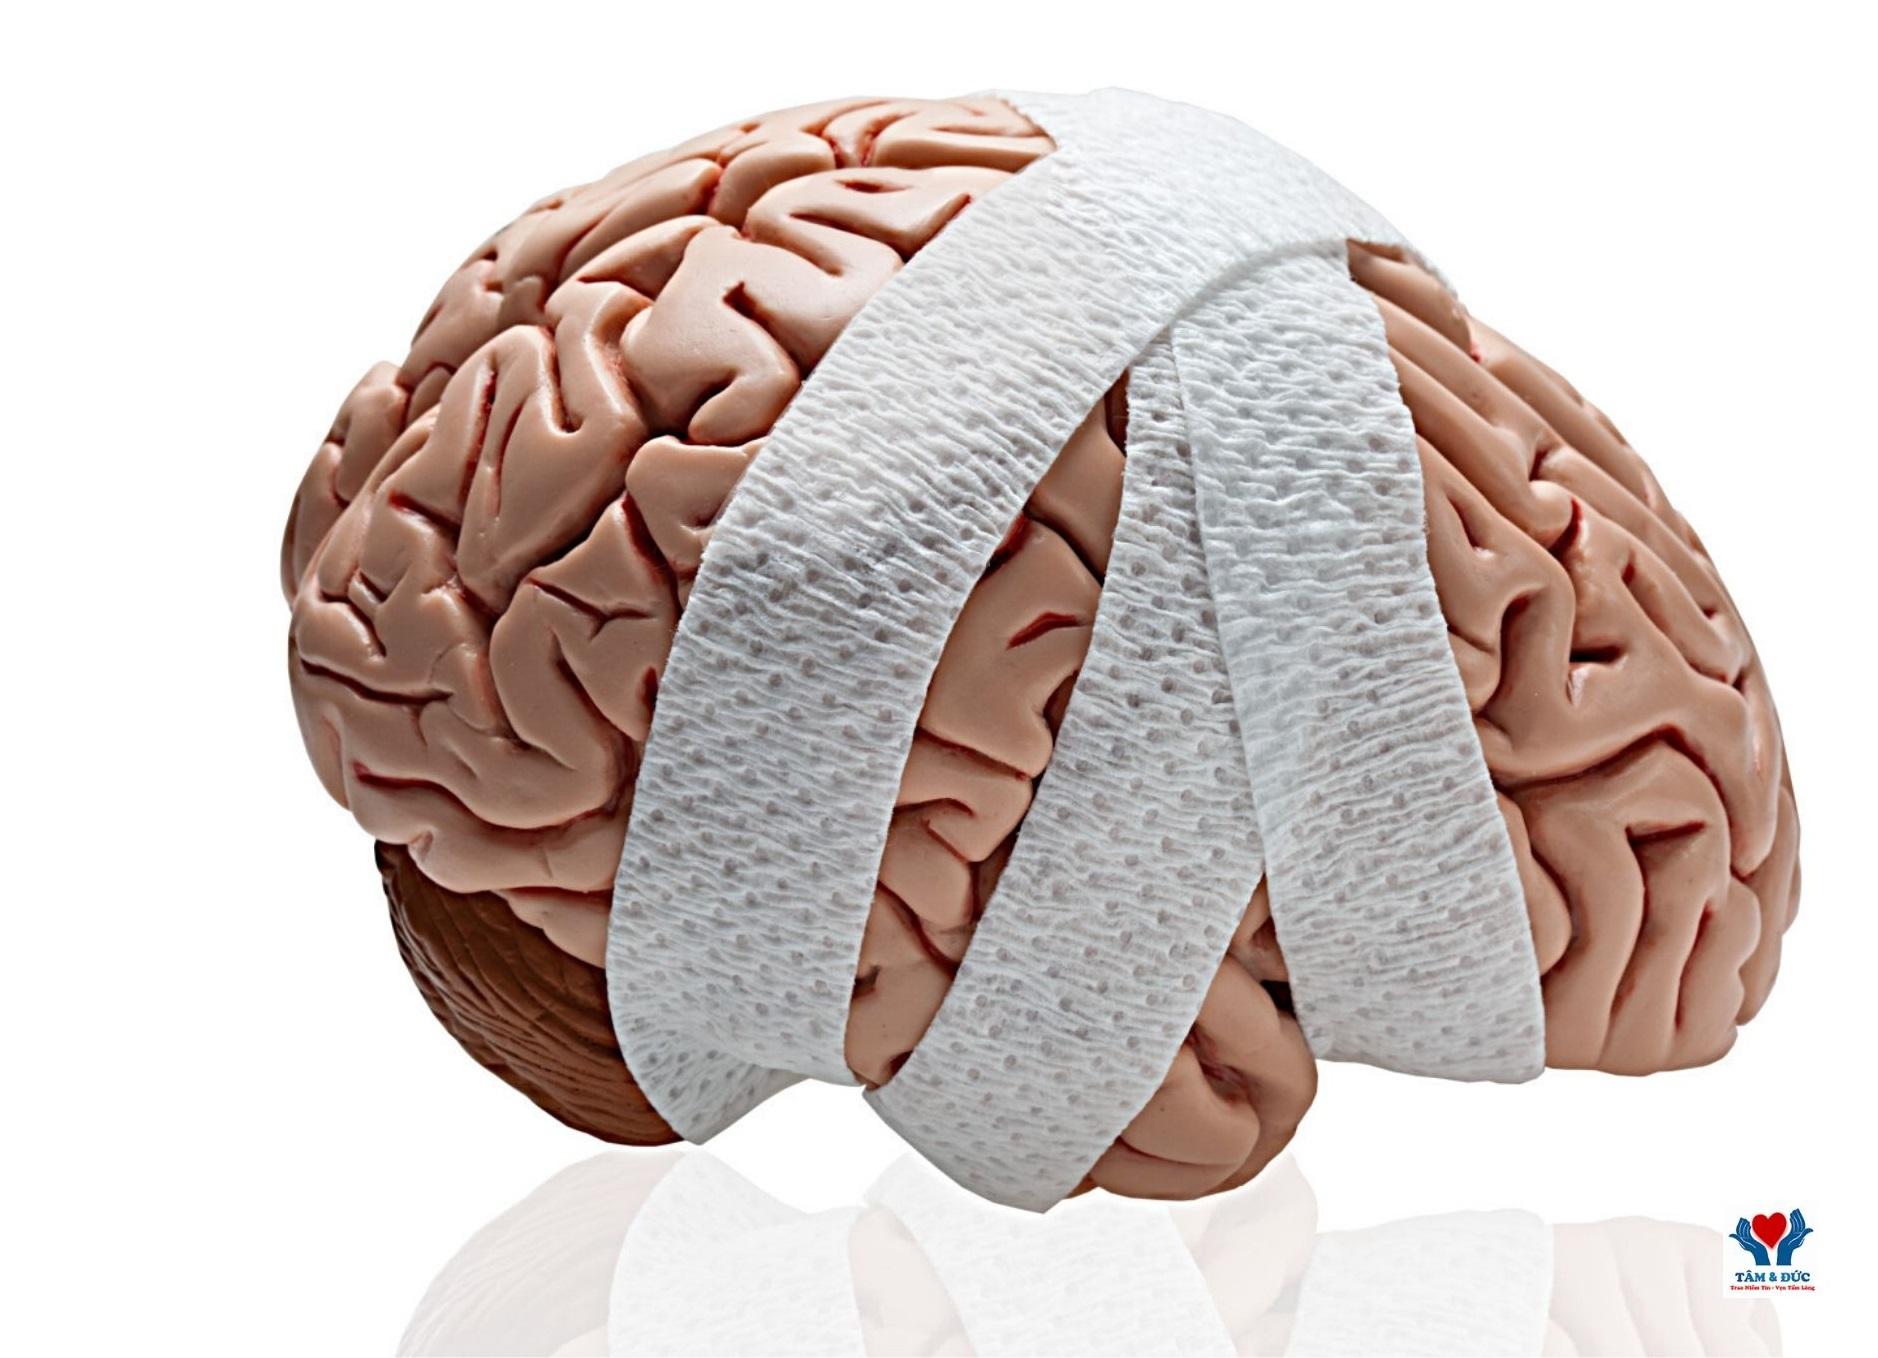 chăm sóc bệnh nhân chấn thương sọ não sau mổ